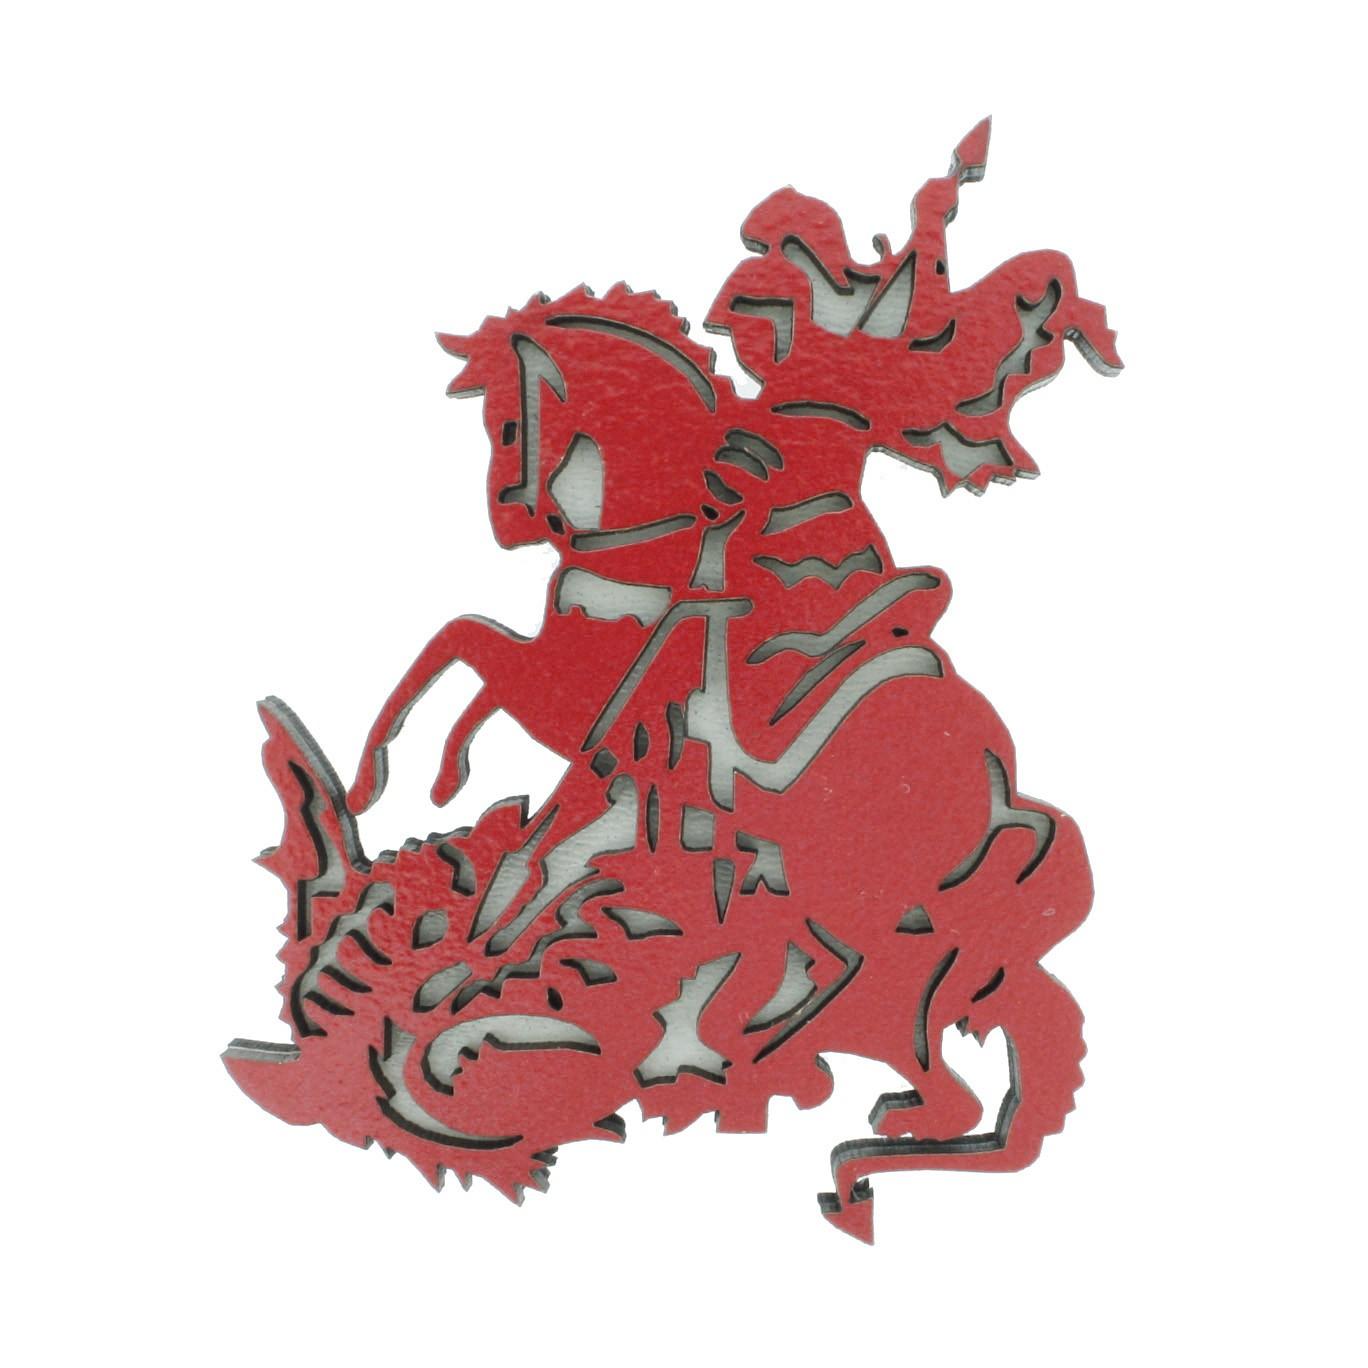 Imã de Madeira - São Jorge  - Universo Religioso® - Artigos de Umbanda e Candomblé